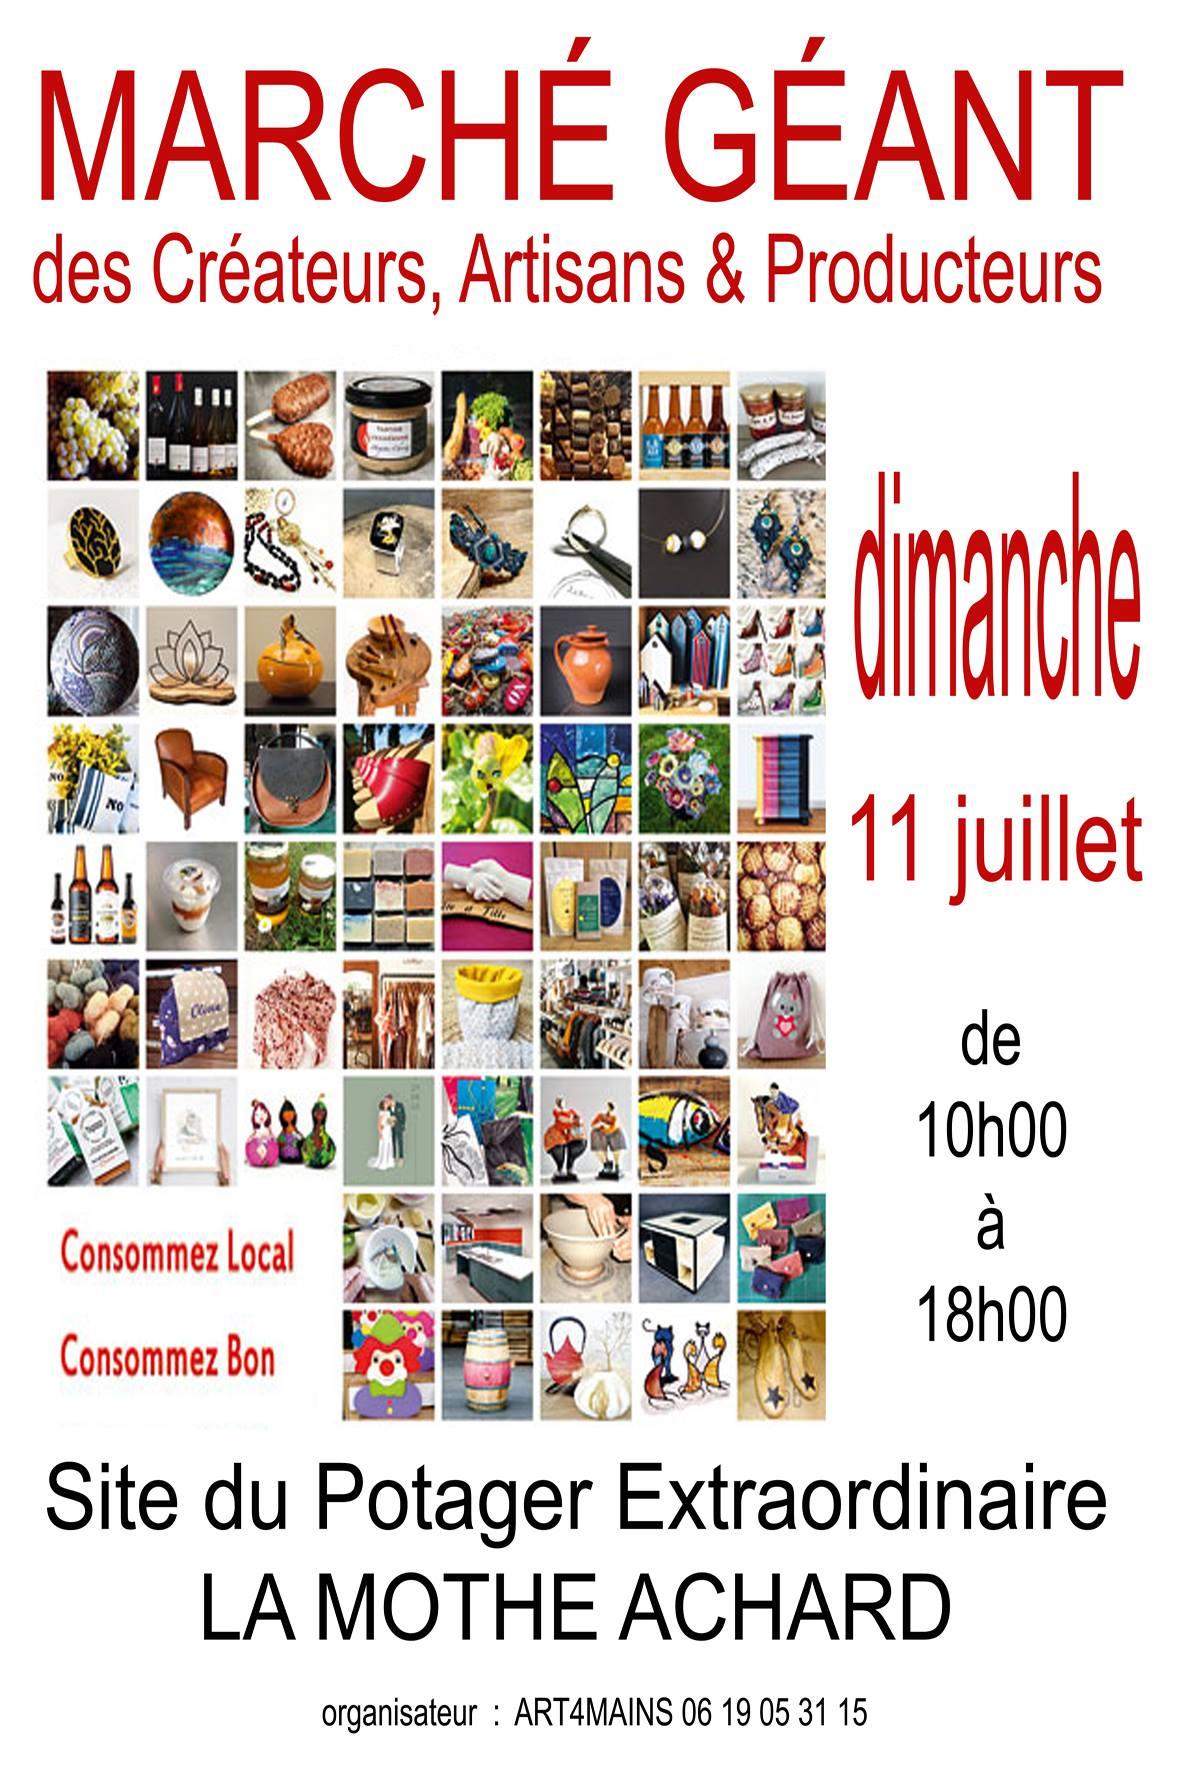 La Mothe-Achard : Marché géant  dimanche 11 juillet de 10h00 à 18h00